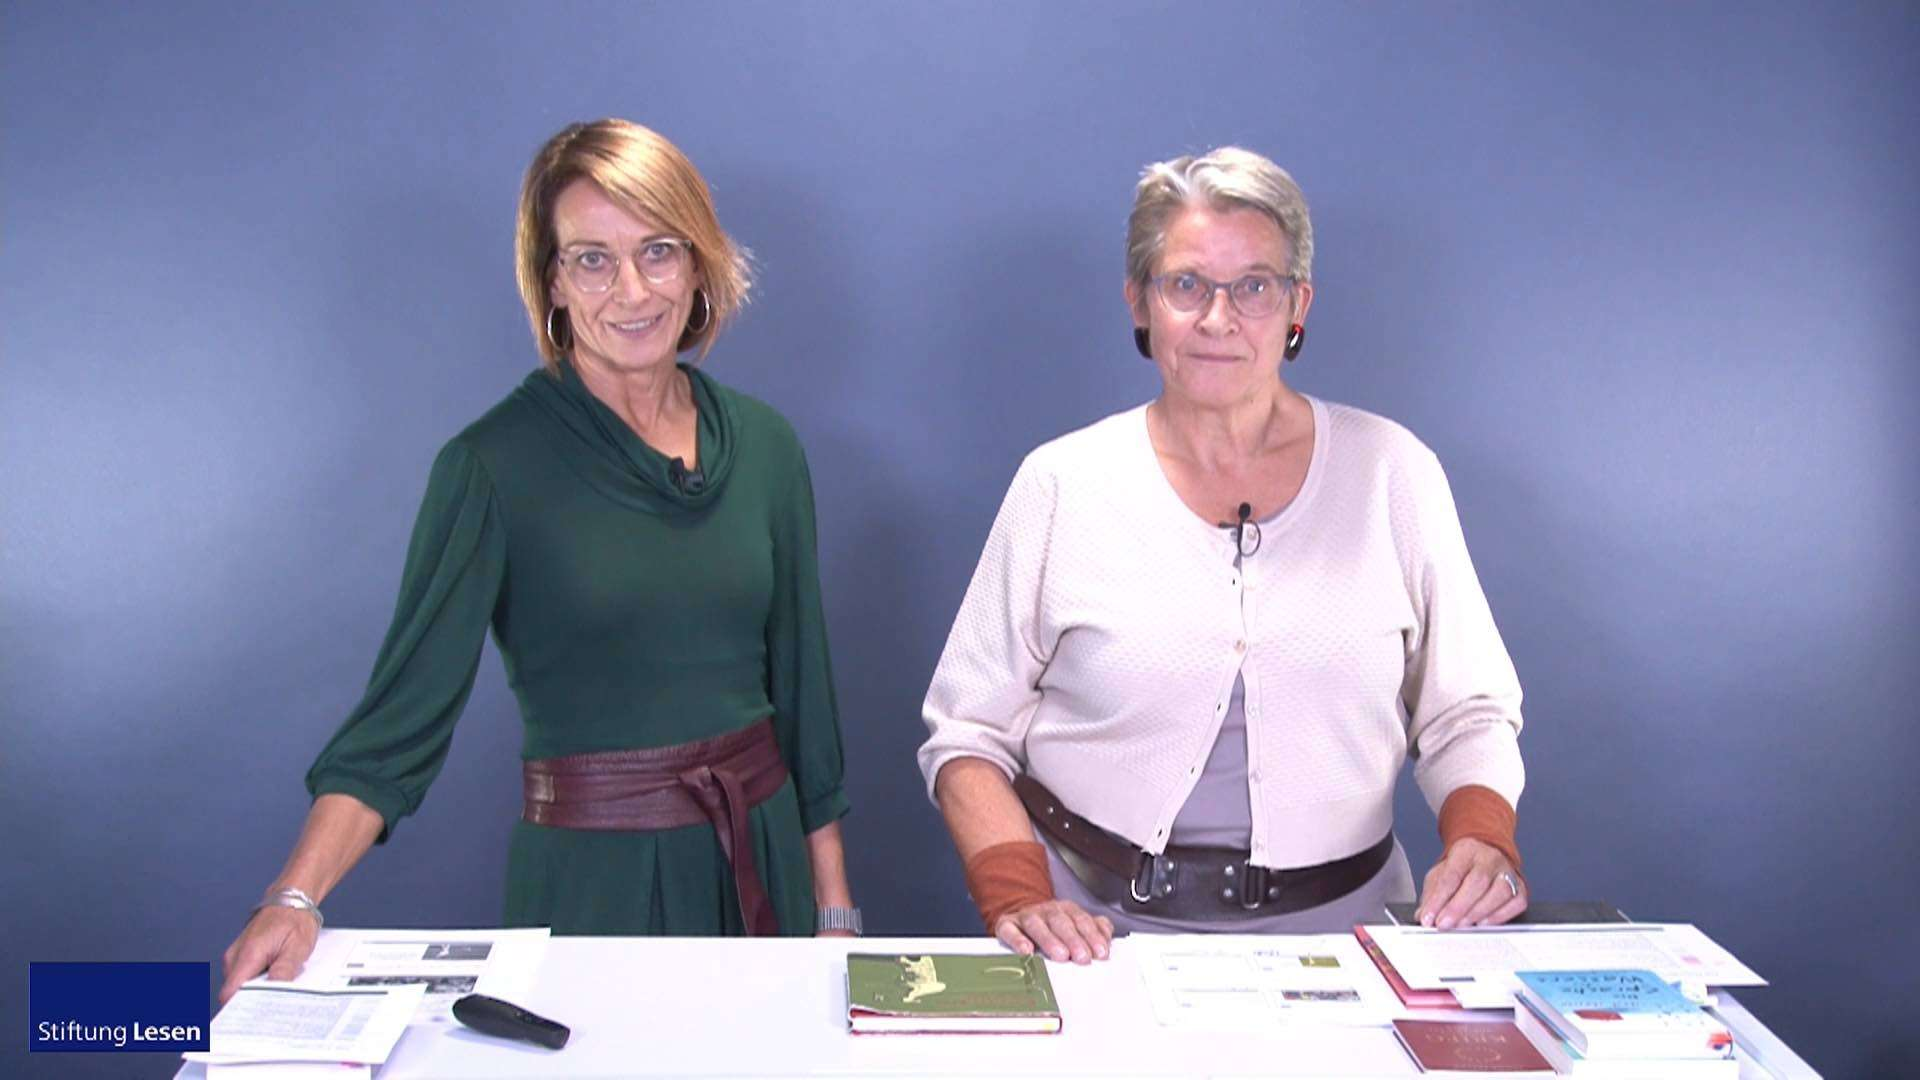 Zwei Frauen stehen hinter einem Tisch auf dem verschiedene Bücher und Prospekte liegen